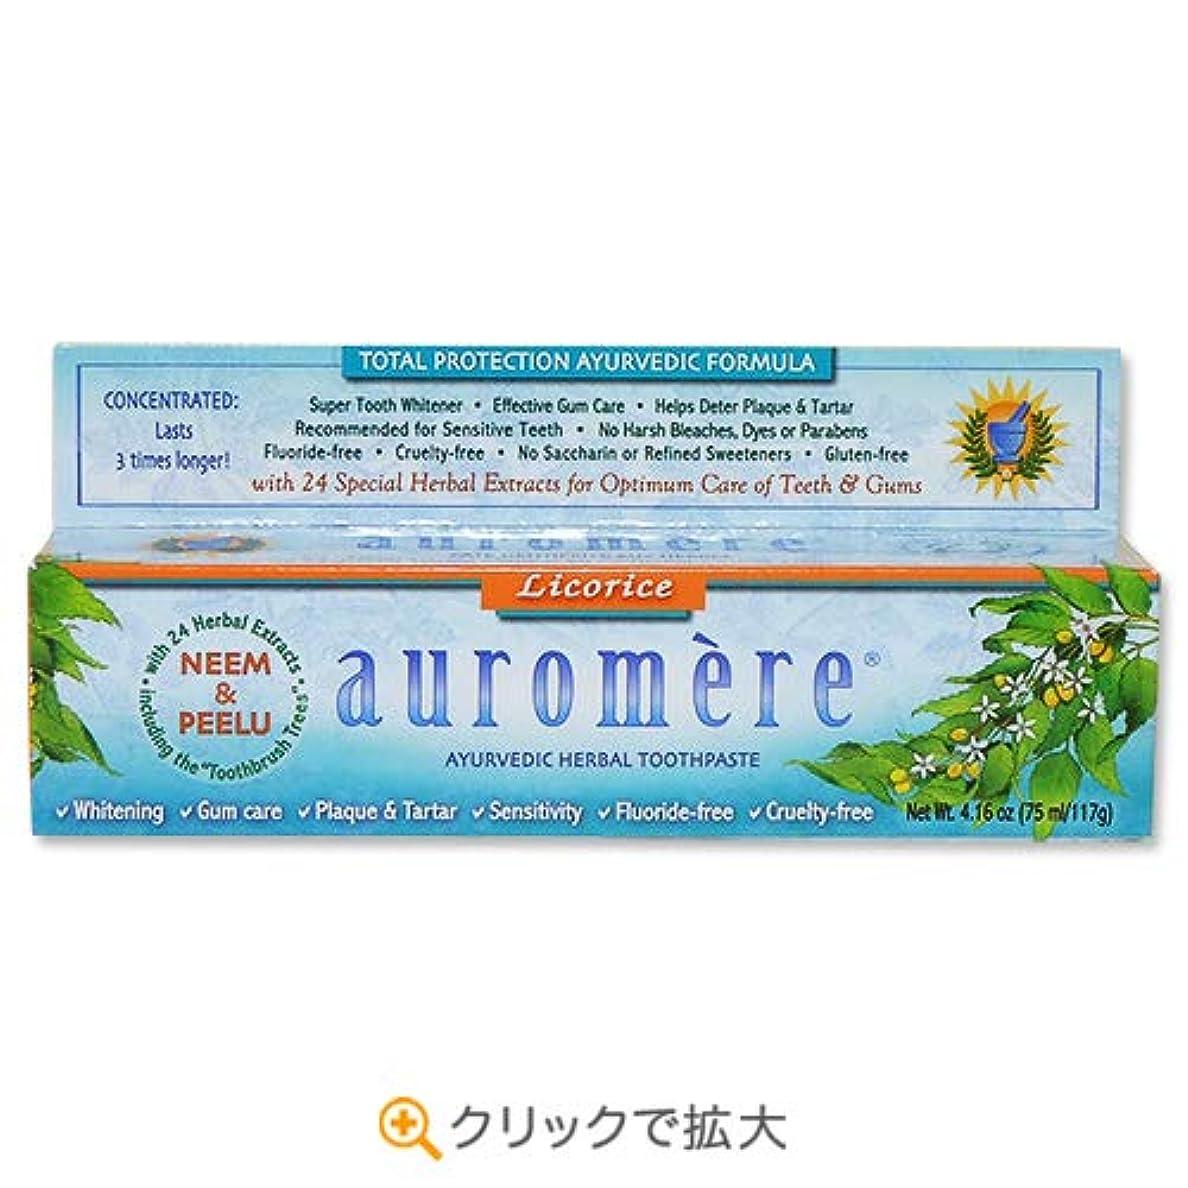 3個セット オーロメア アーユルヴェーダ ハーバル歯磨き粉 リコリス 117g[海外直送品]